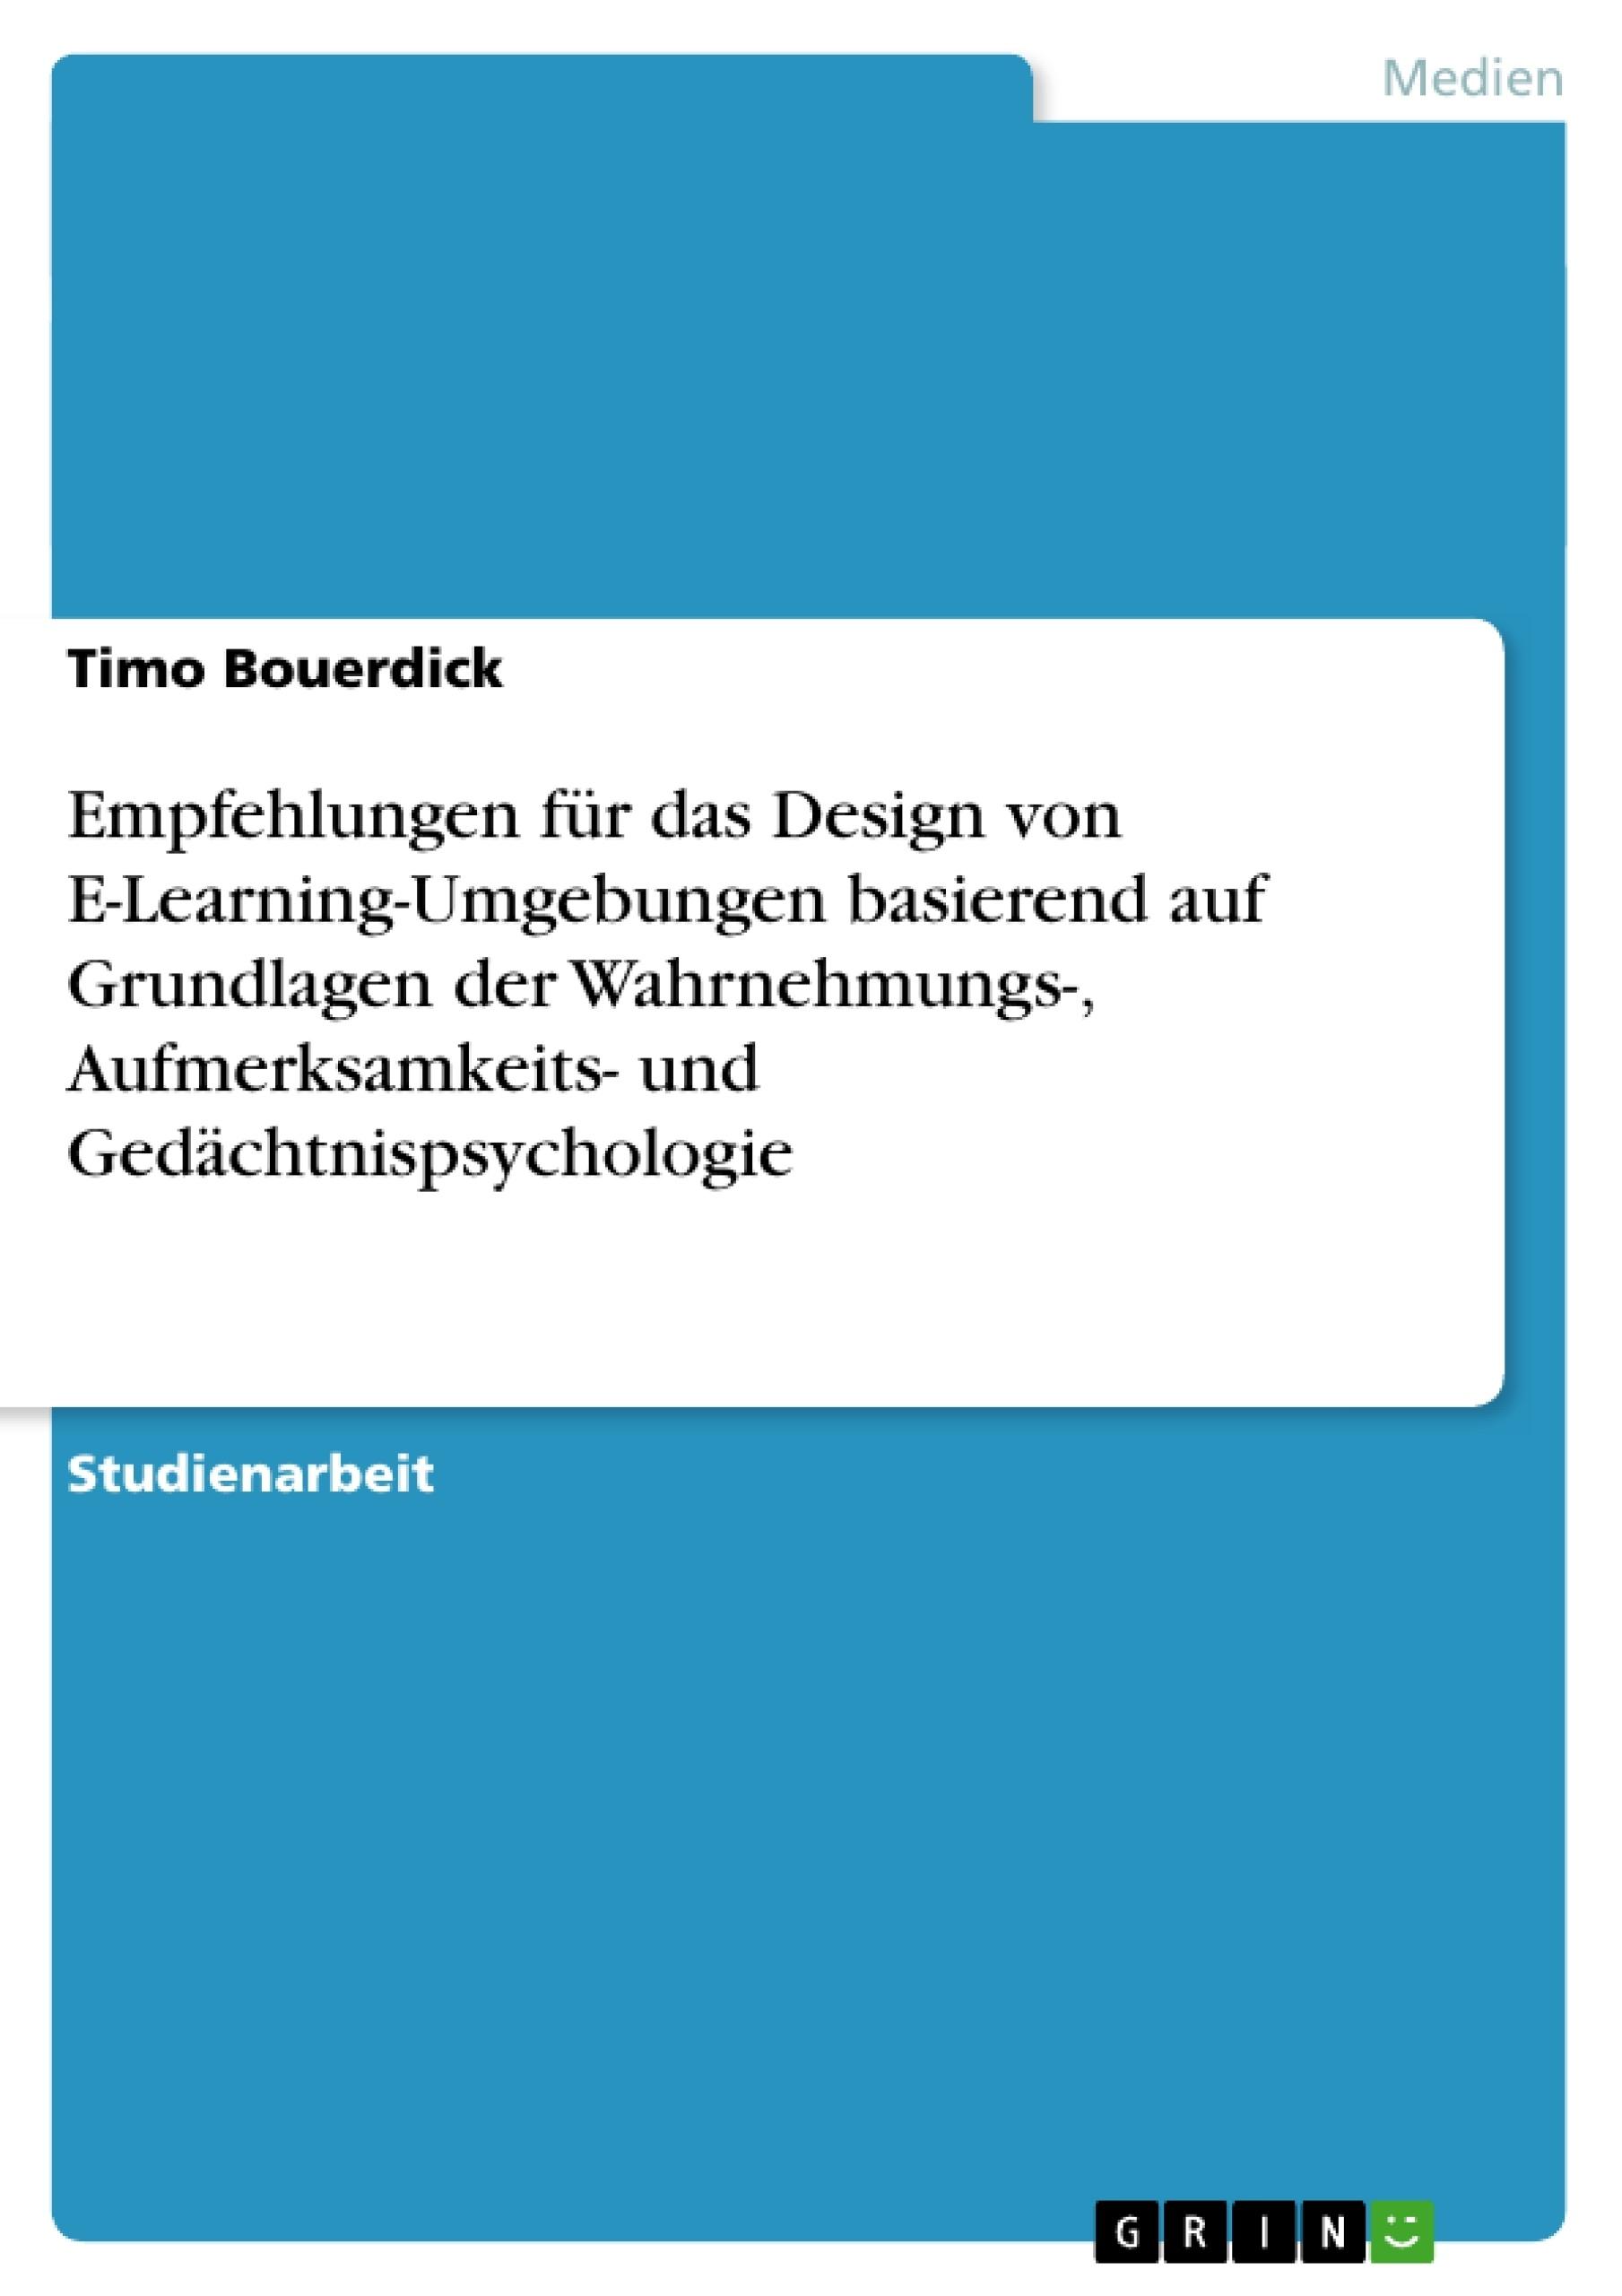 Titel: Empfehlungen für das Design von E-Learning-Umgebungen basierend auf Grundlagen der Wahrnehmungs-, Aufmerksamkeits- und Gedächtnispsychologie